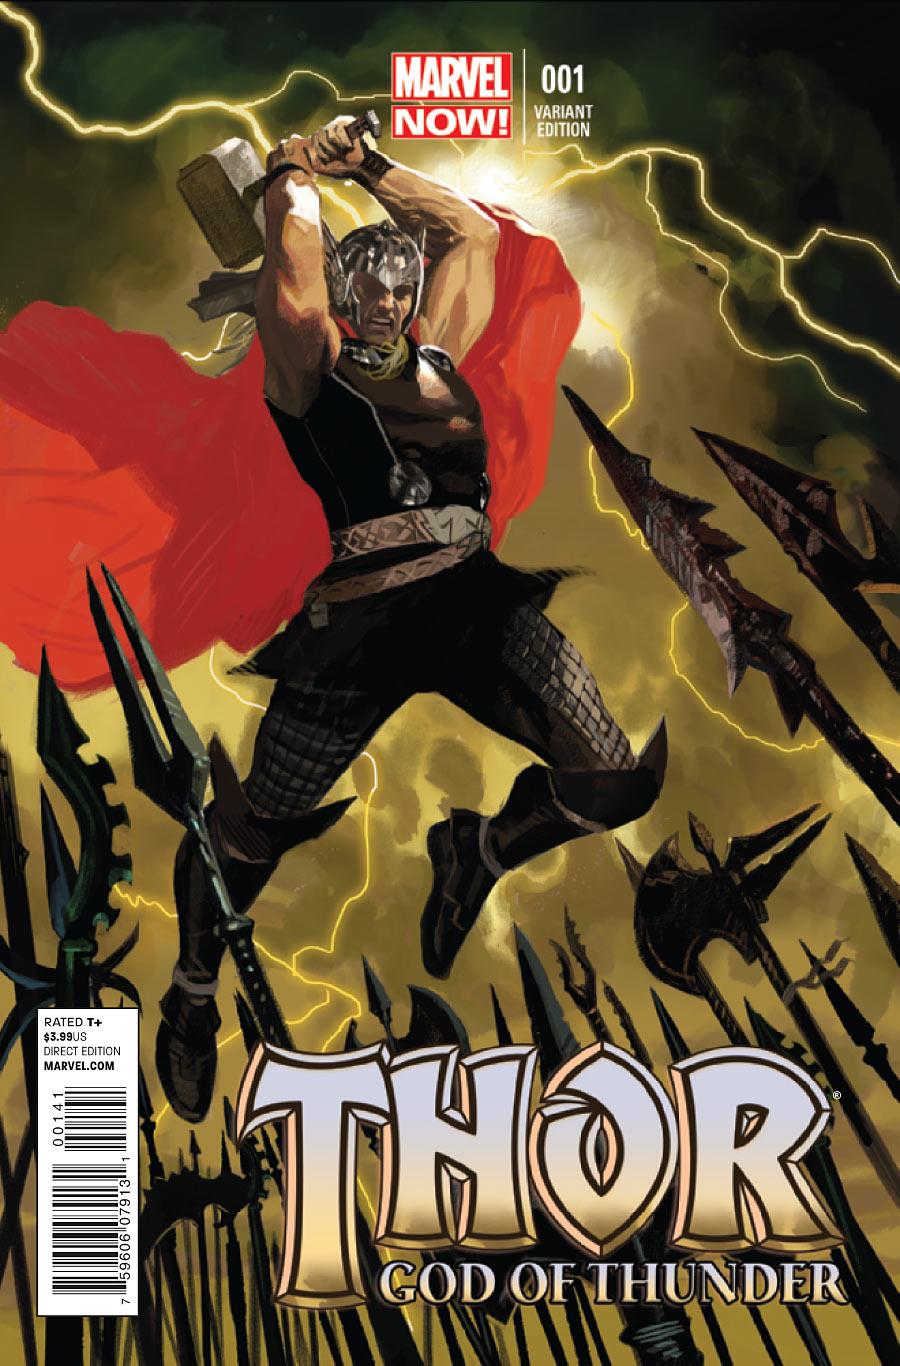 Thor: God of Thunder Vol 1 1 - Marvel Comics Database  Thor